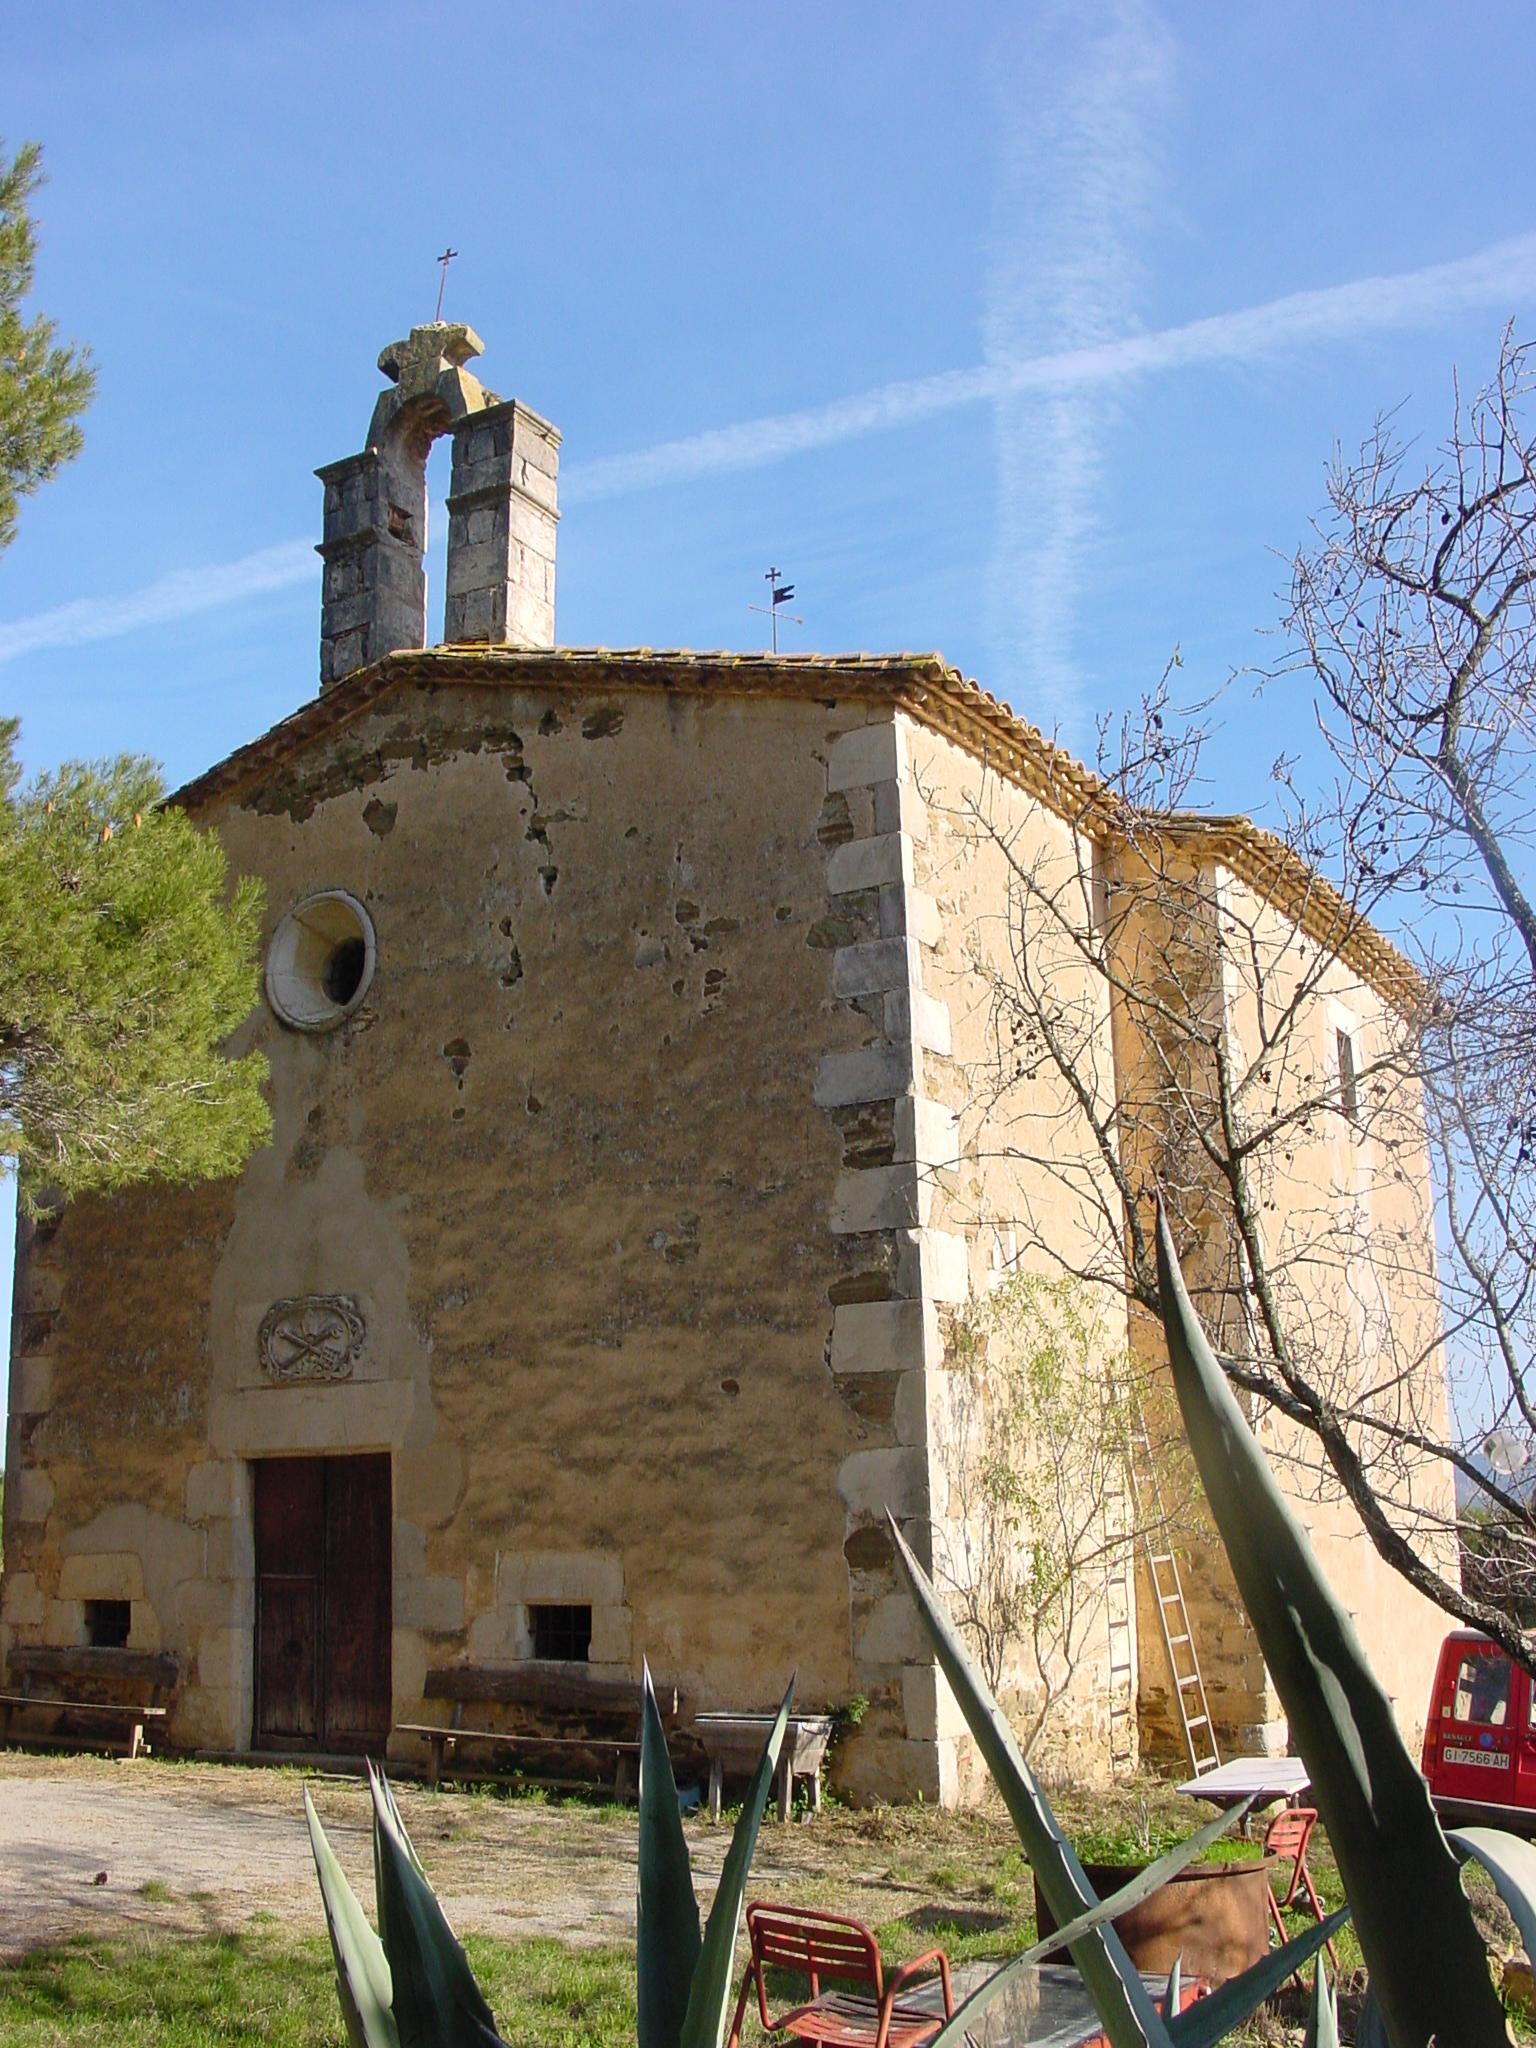 Es tracta d'una ermita situada a les Gavarres dedicada a Sant Llop. Actualment està en desús. Al costat de l'ermita hi ha la rectoria. A la imatge es veu la façana del temple amb el seu arrebossat i les obertures i les cantonades amb pedres treballades. Destaca també el rosetó i el campanar de cadireta. L'edifici actual data del segle XVIII.